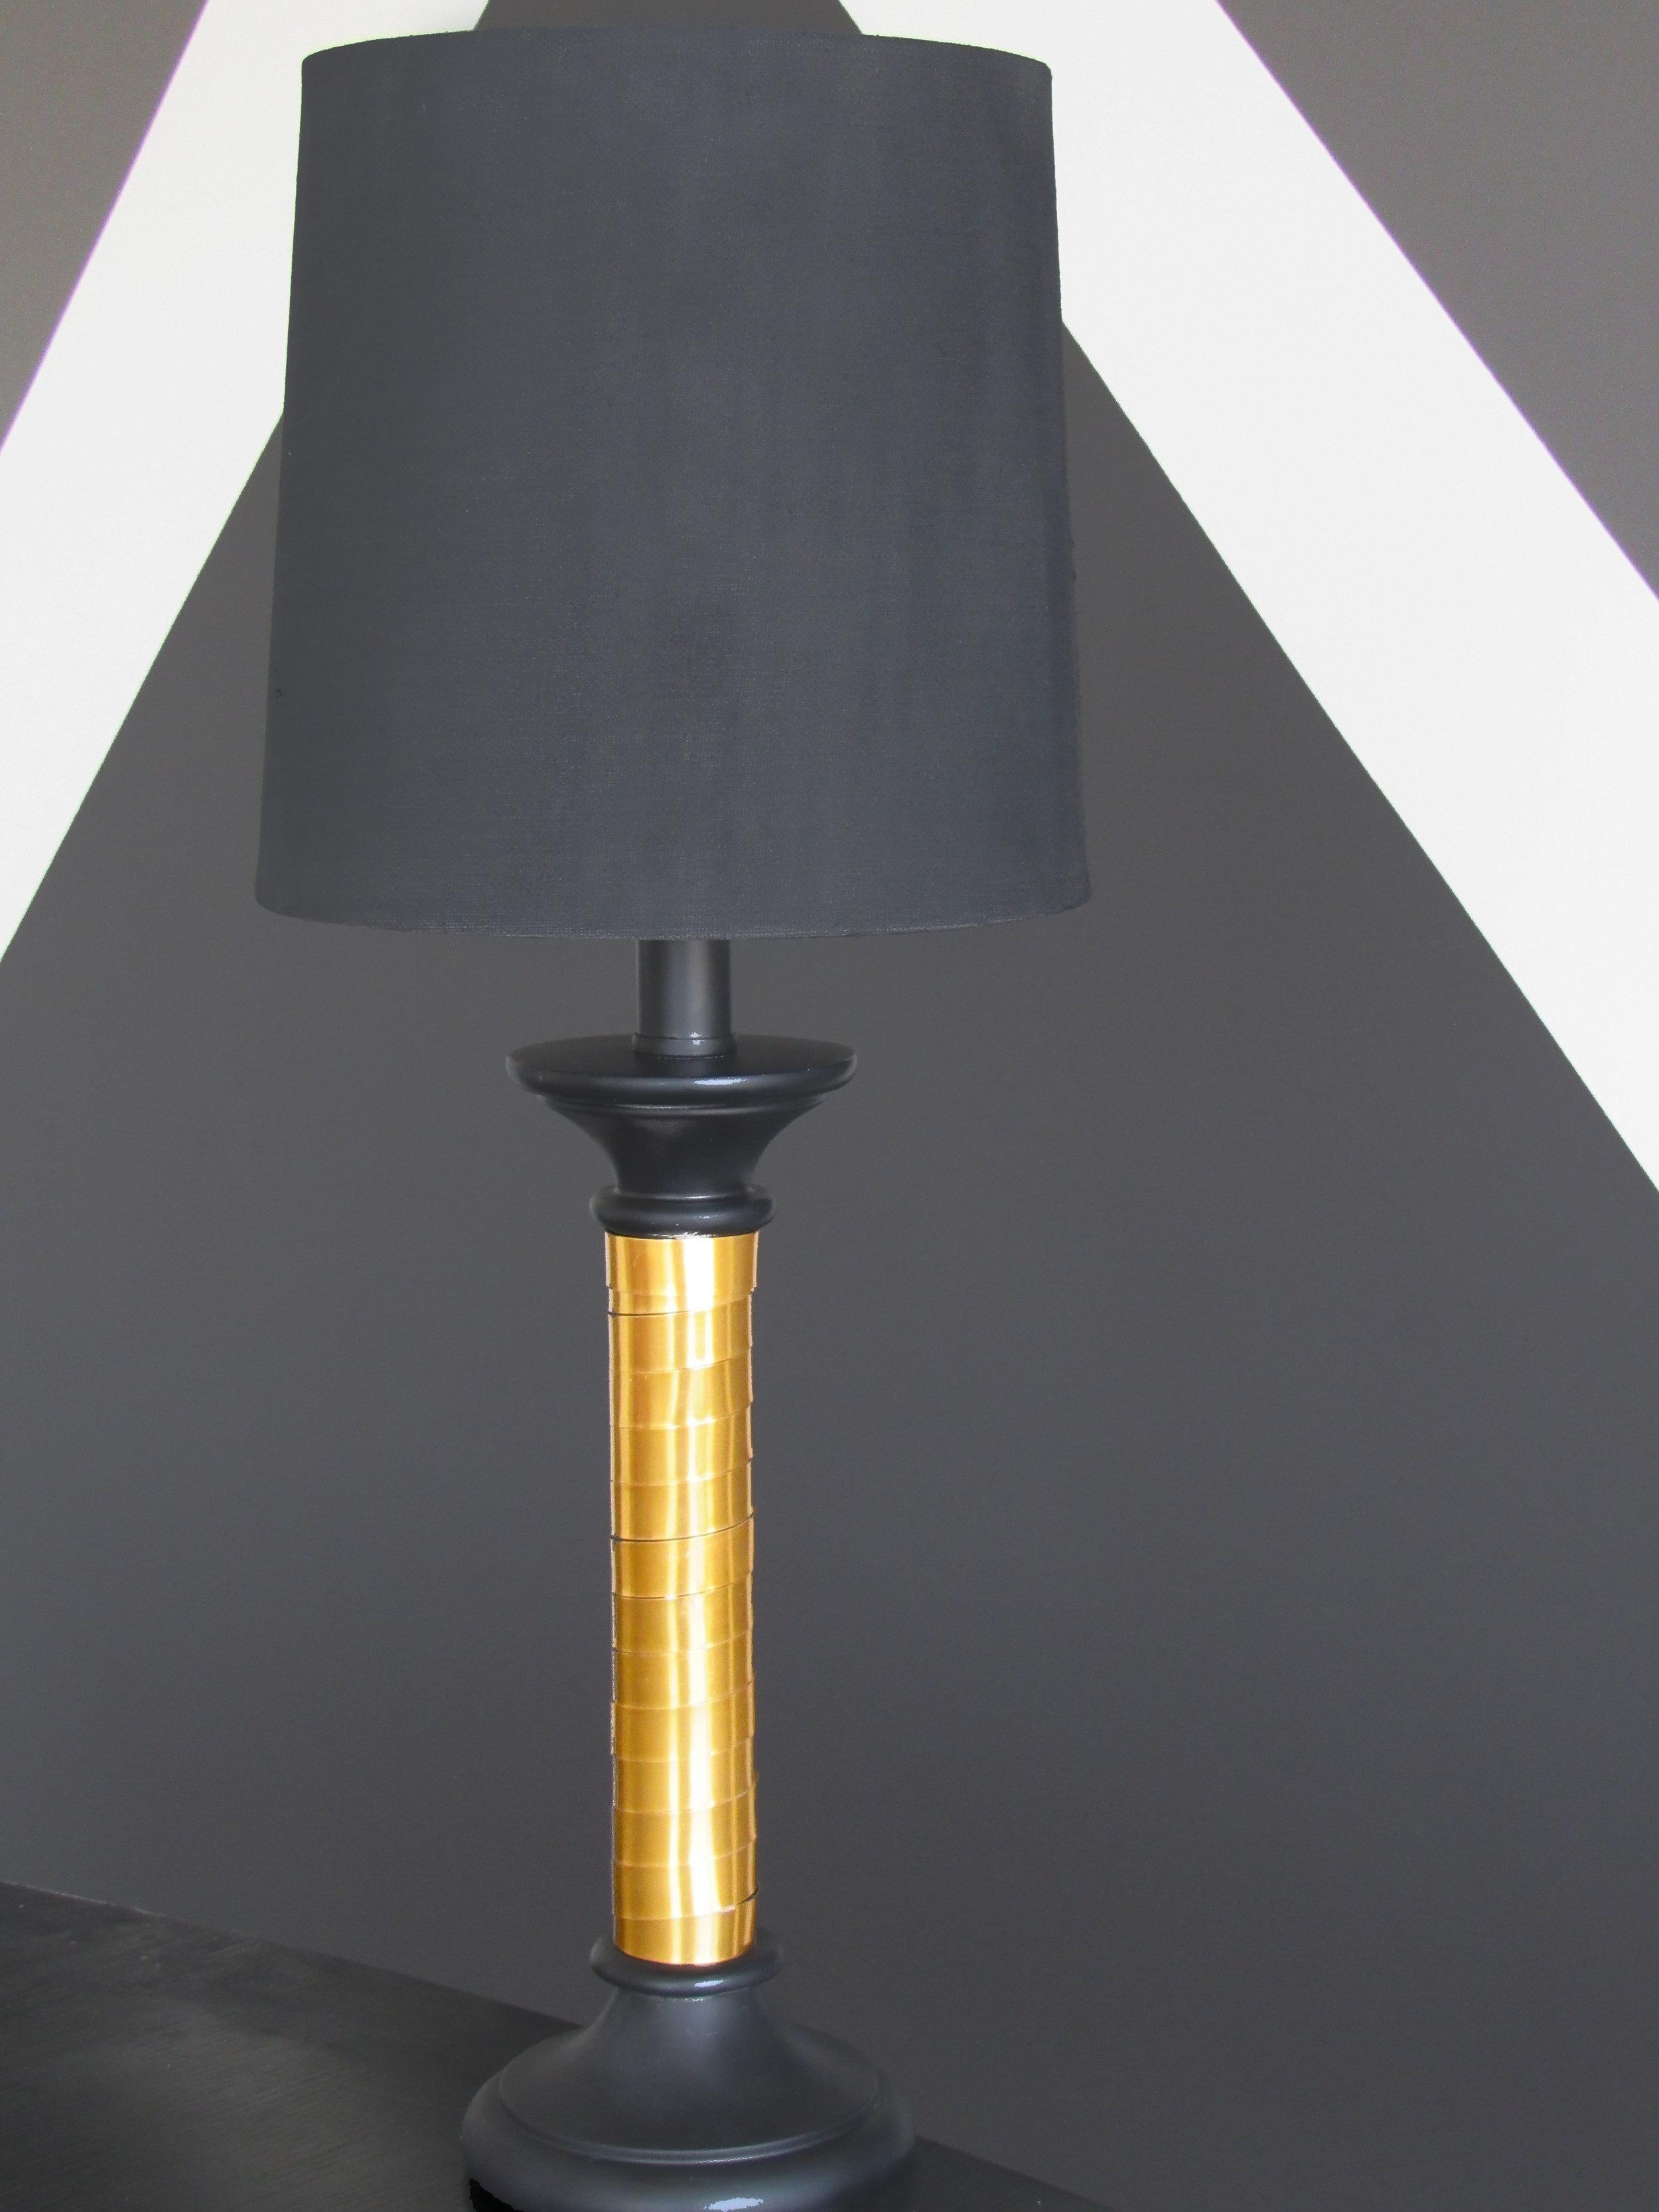 Lamp-for-web.jpg